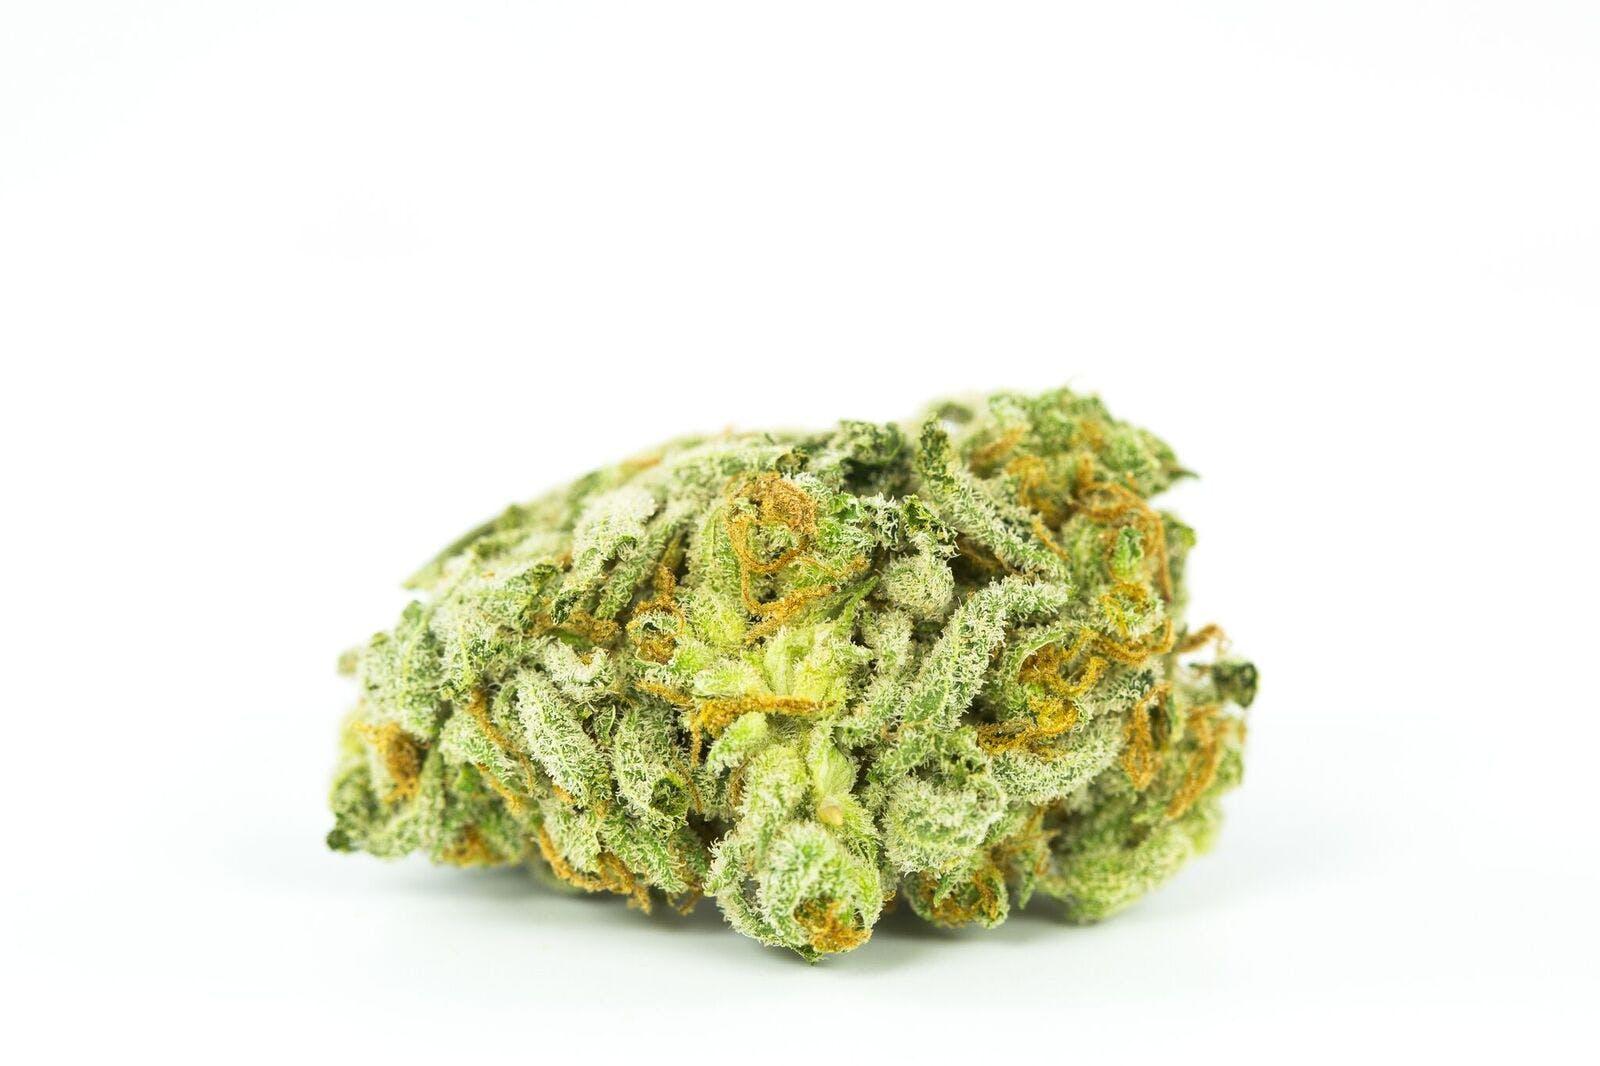 Tangerine Power Weed; Tangerine Power Cannabis Strain; Tangerine Power Hybrid Marijuana Strain